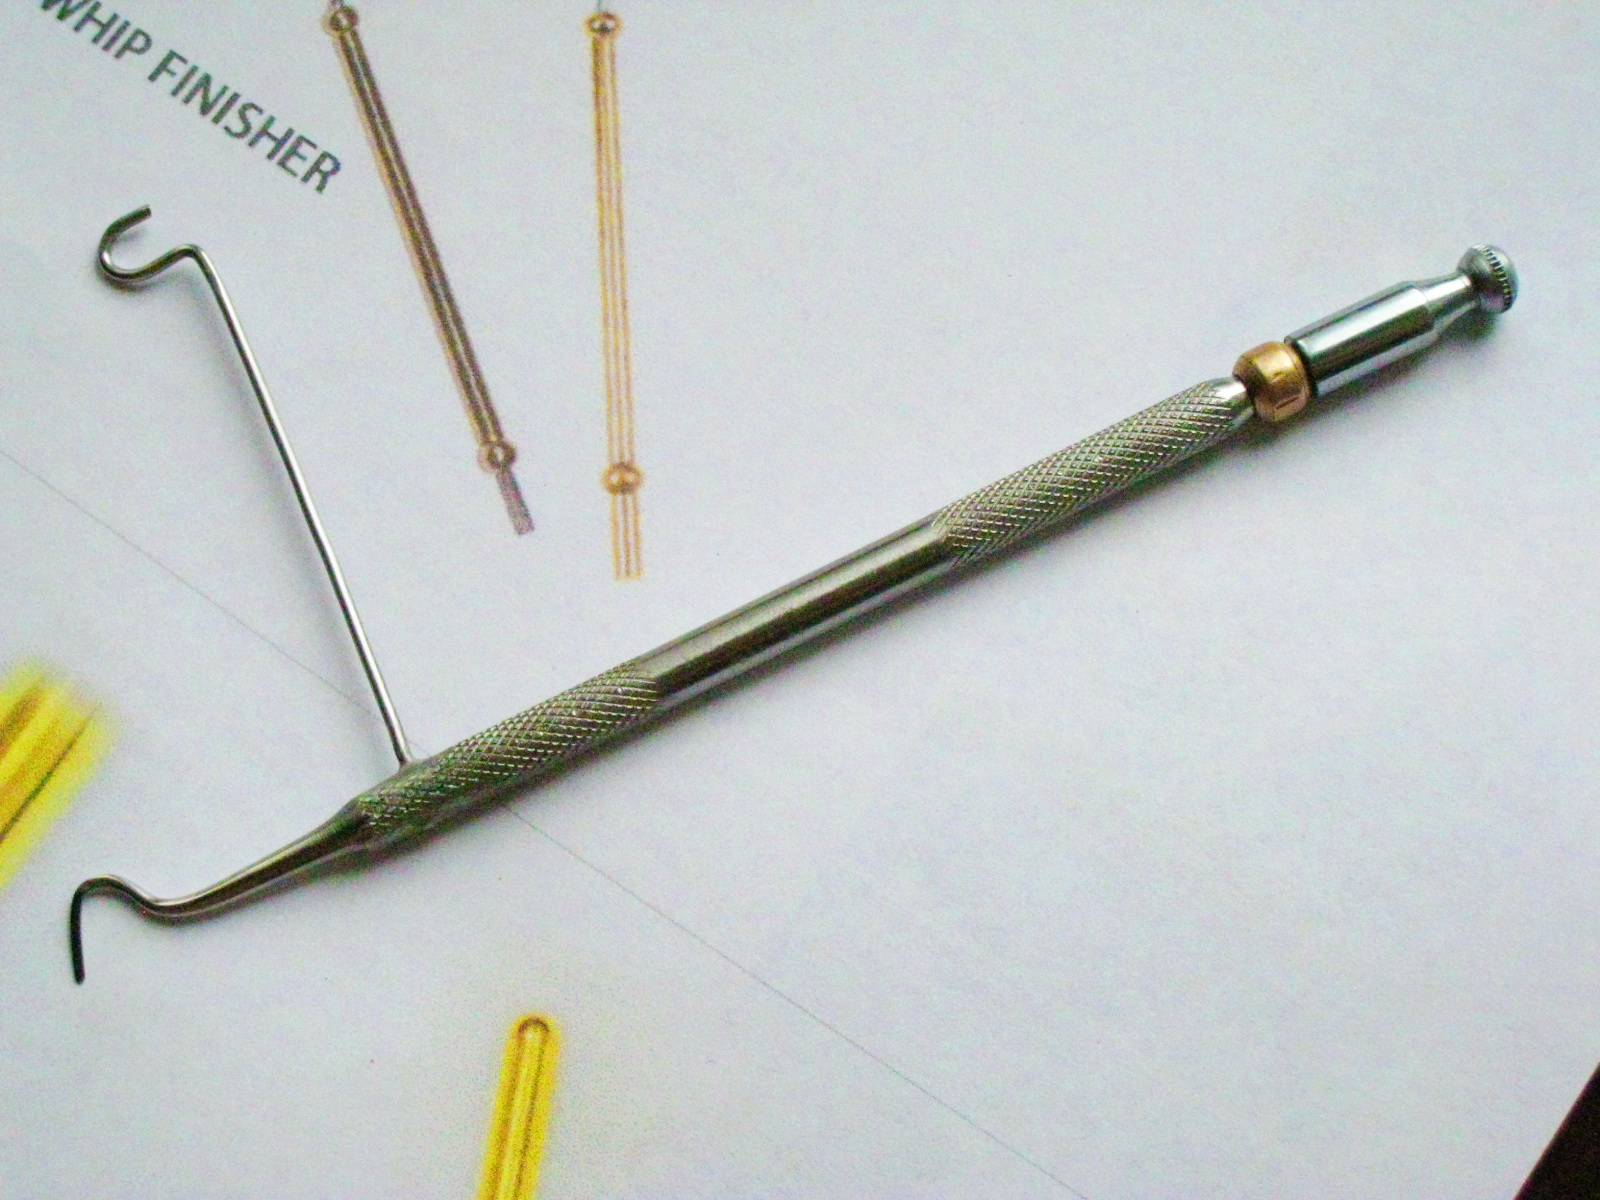 Вязание мушек инструменты своими руками 46